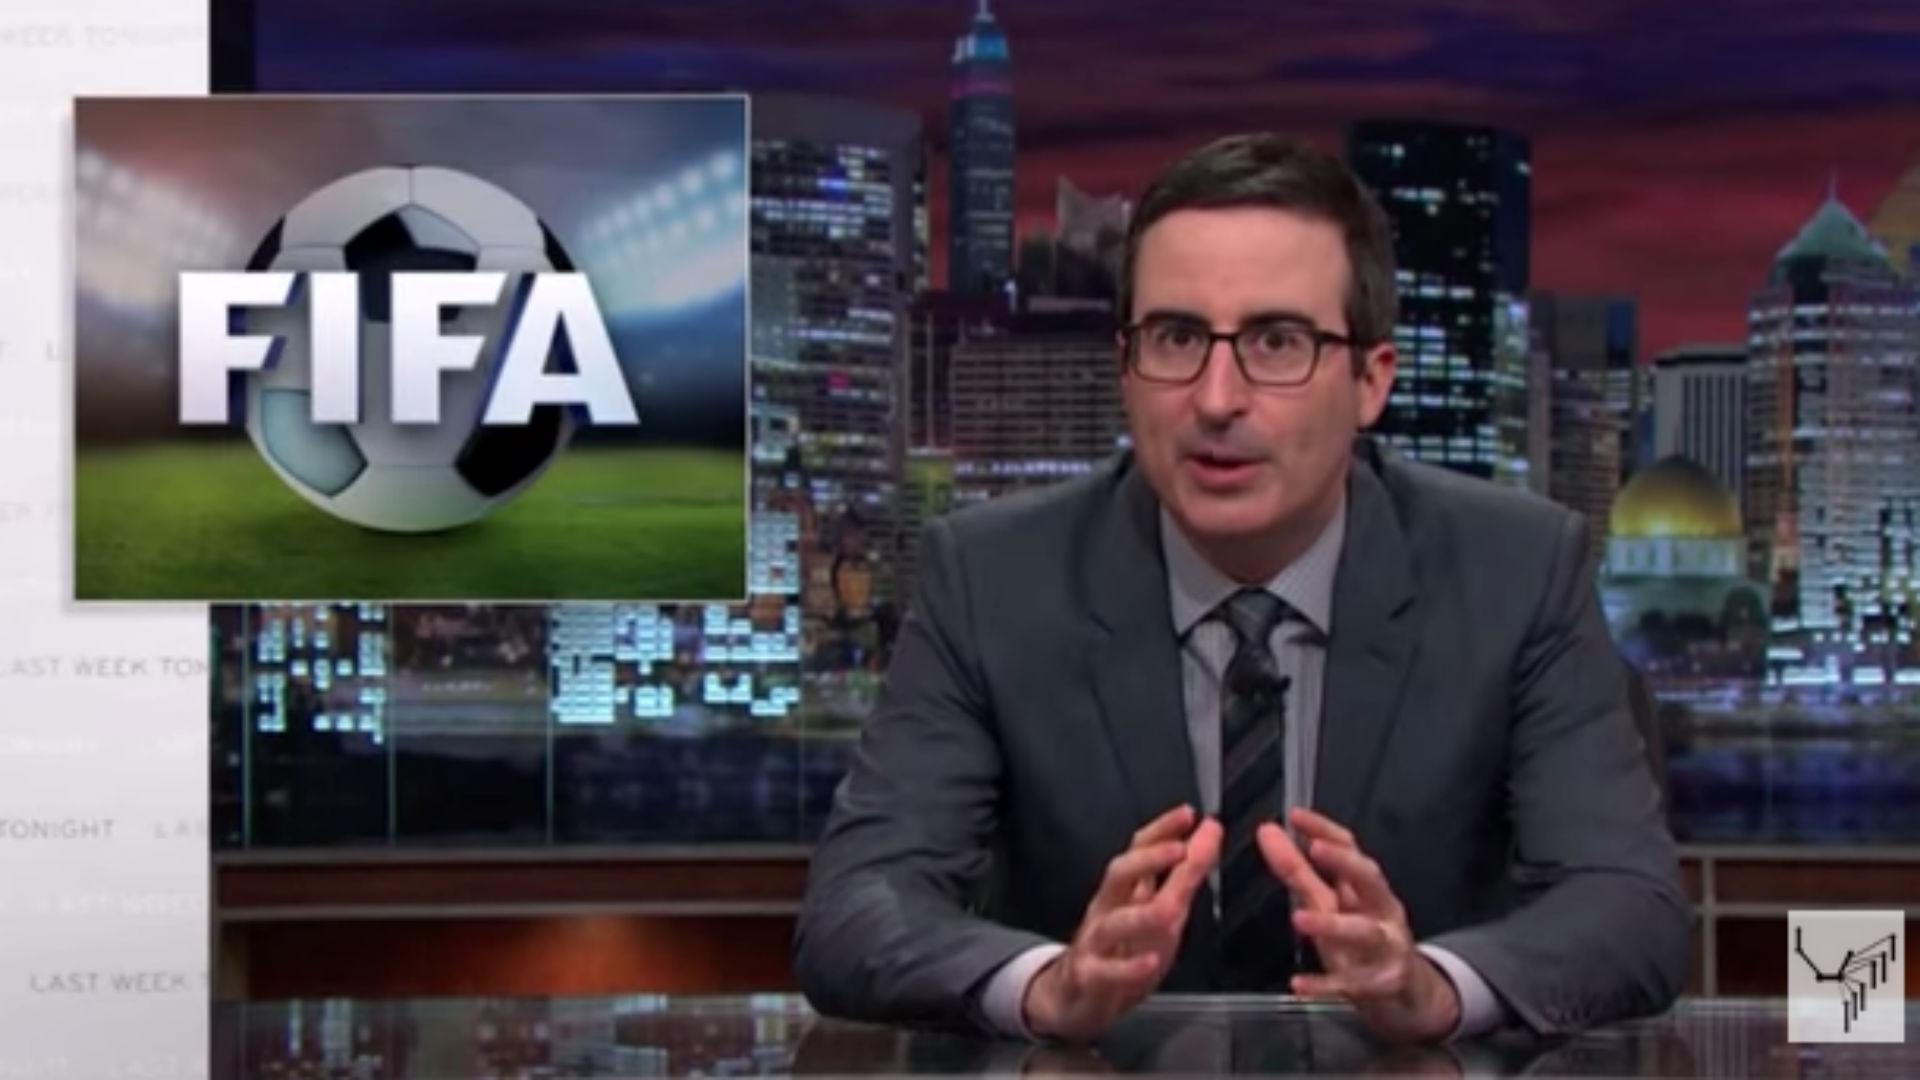 John Oliver rips Sepp Blatter for warm response to Vladimir Putin